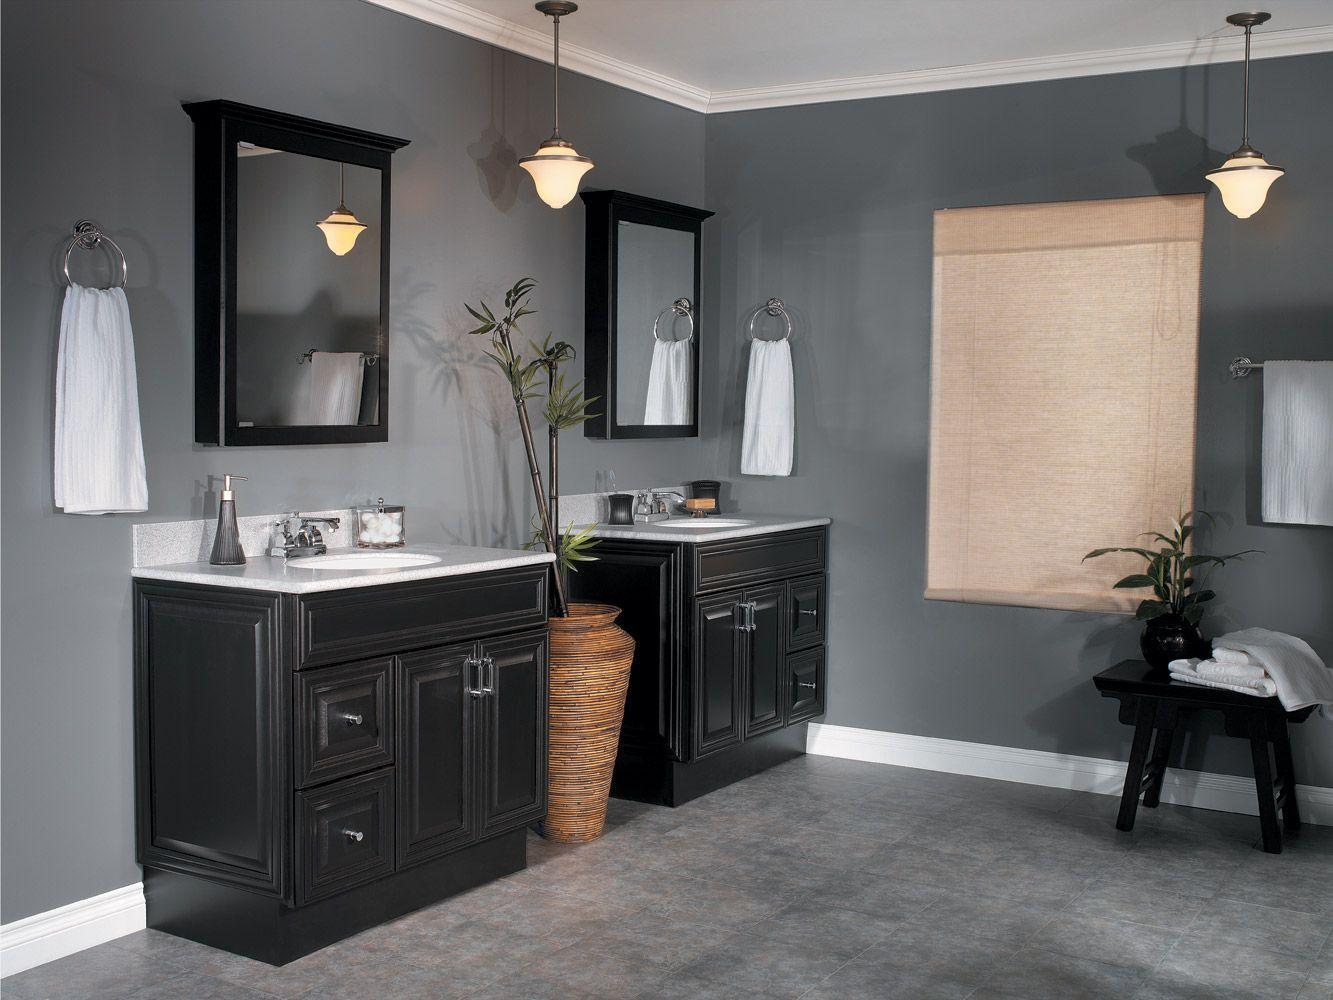 50 Bathroom Vanity Ideas Ingeniously Prettify You And Your Bathroom Black Vanity Bathroom Black Cabinets Bathroom Bathroom Wall Colors